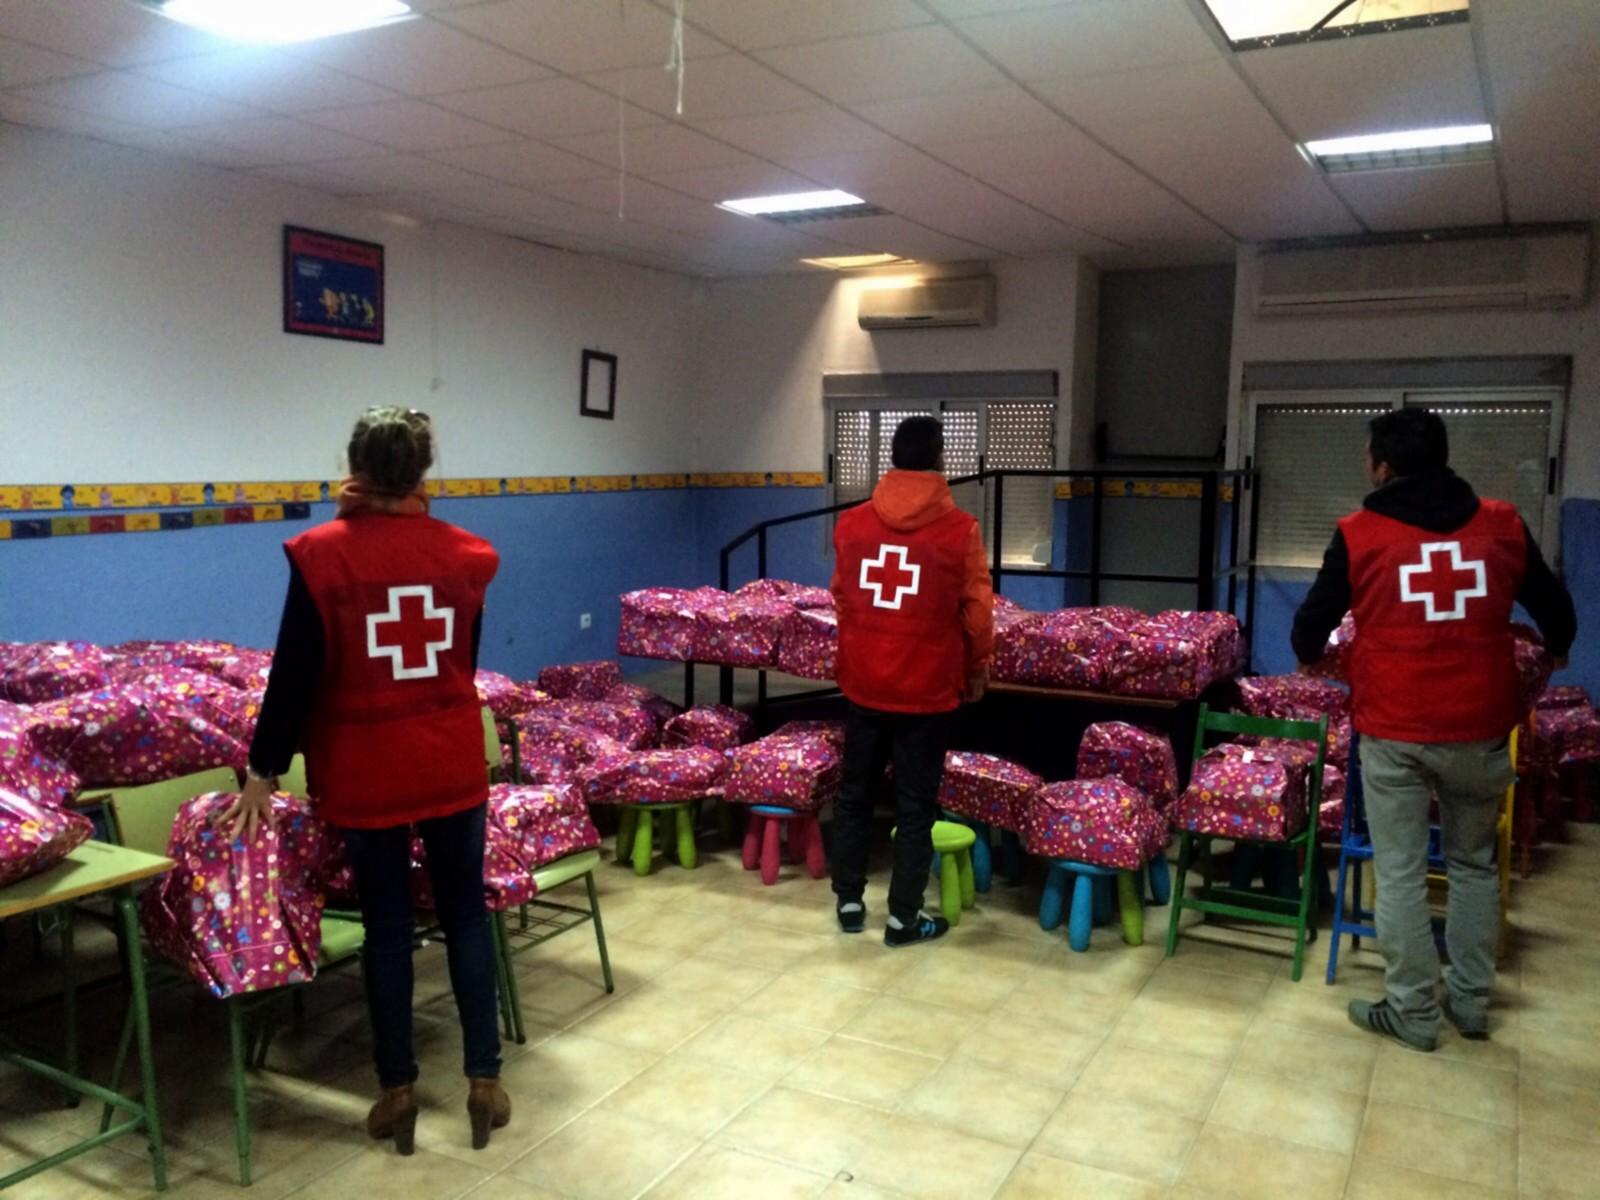 Cruz Roja de Ayamonte lleva la ilusión a más de 100 niños de la localidad.